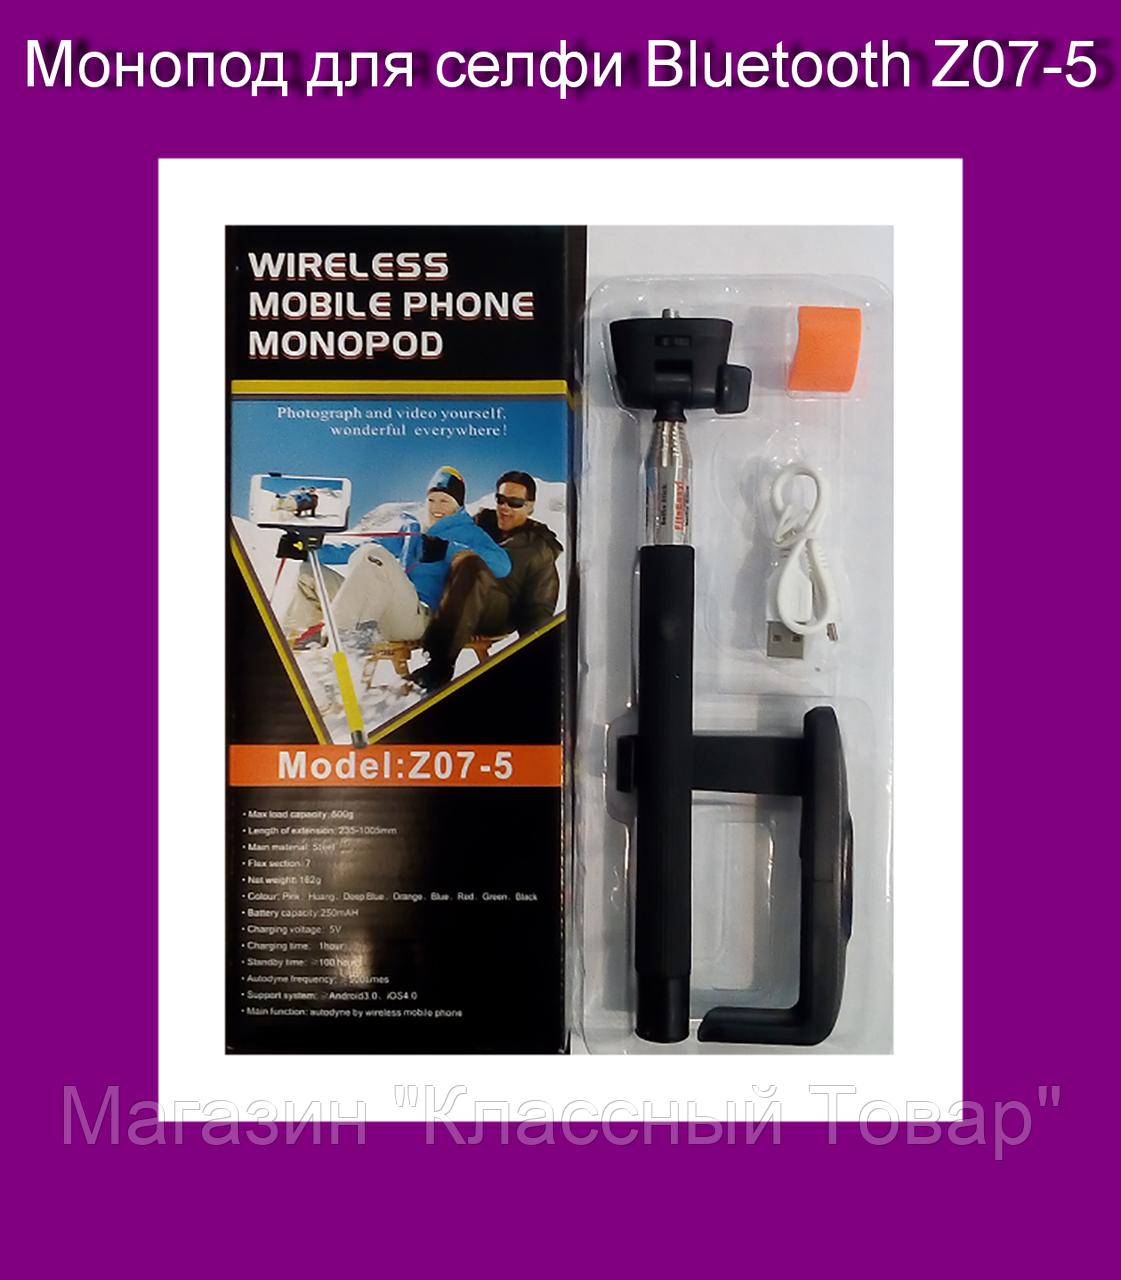 Монопод для селфи Bluetooth Z07-5! Лучший подарок